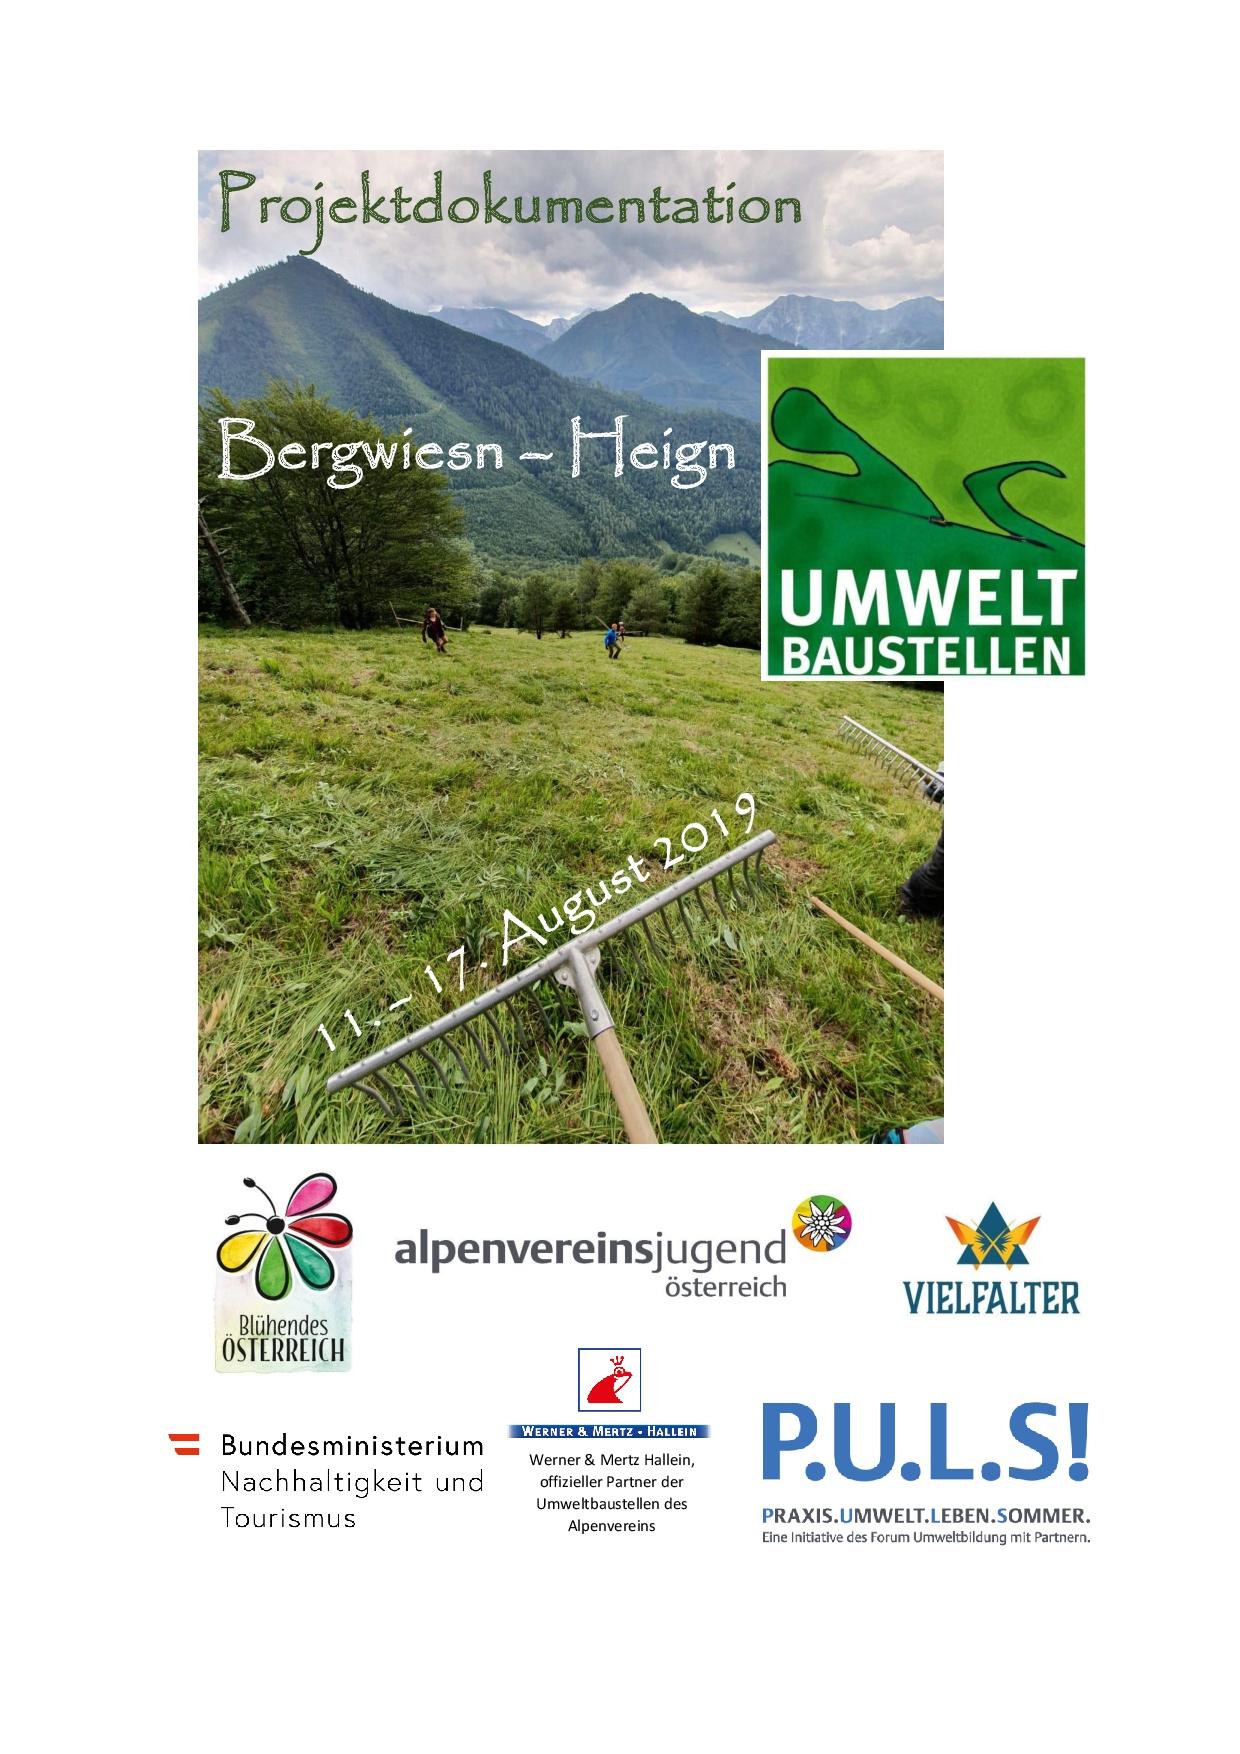 Projektdokumentation_Bergwiesn-Heign2_ÖAV_2019-001